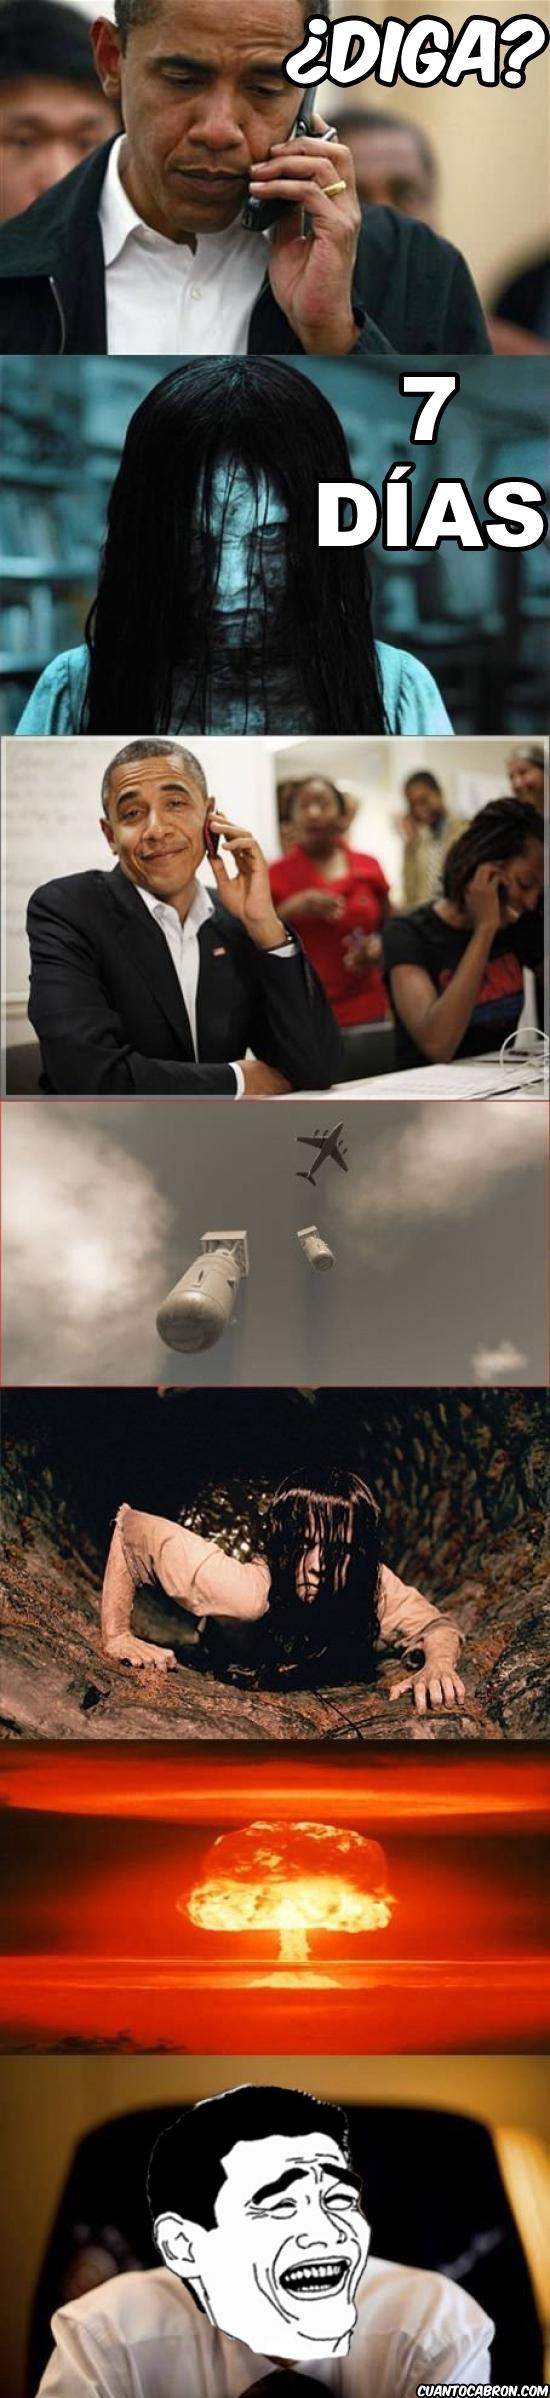 Yao - Obama sabe como tratar las amenazas